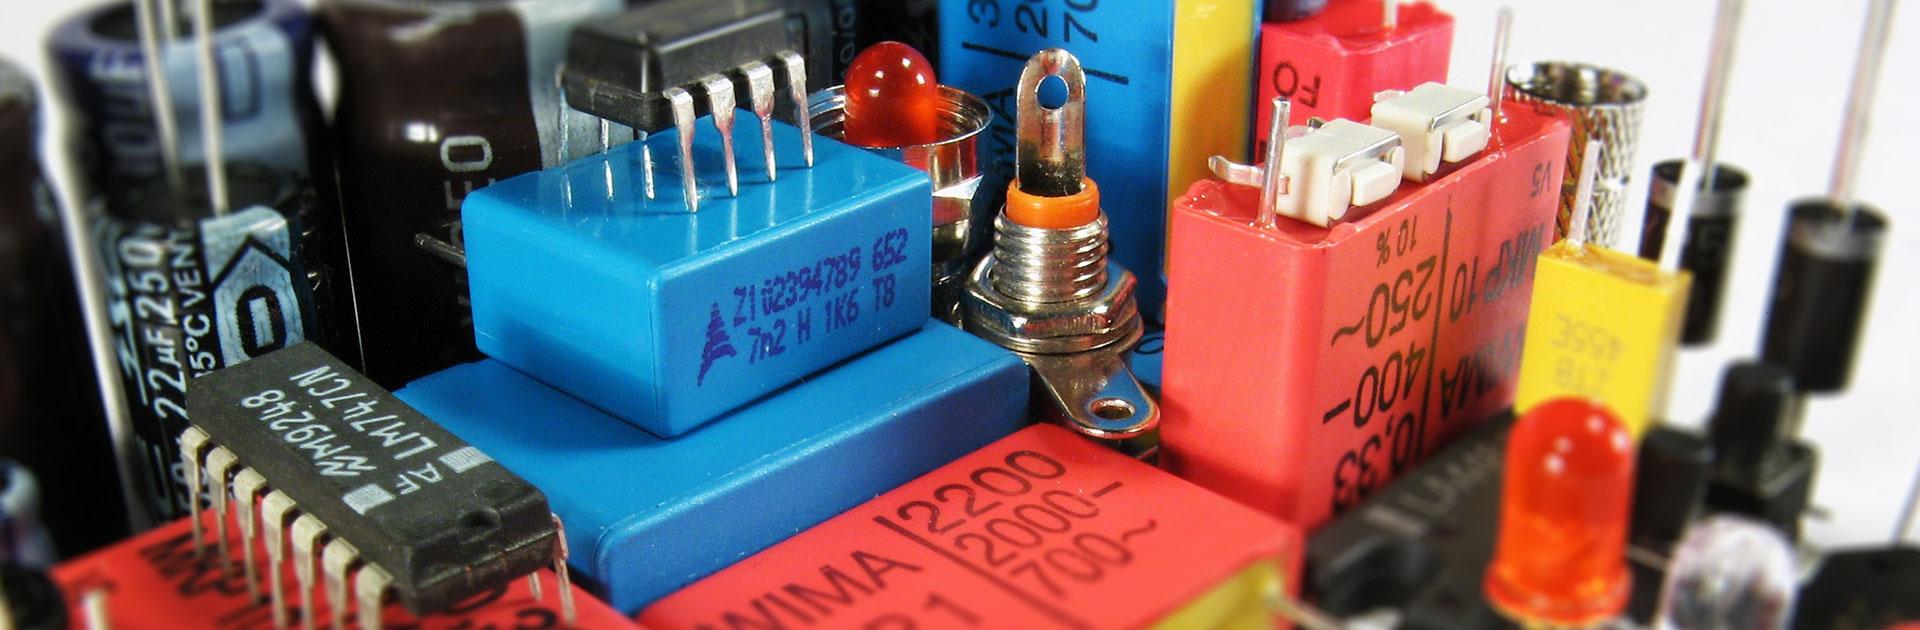 Tomatronik – sklep z artykułami elektronicznymi